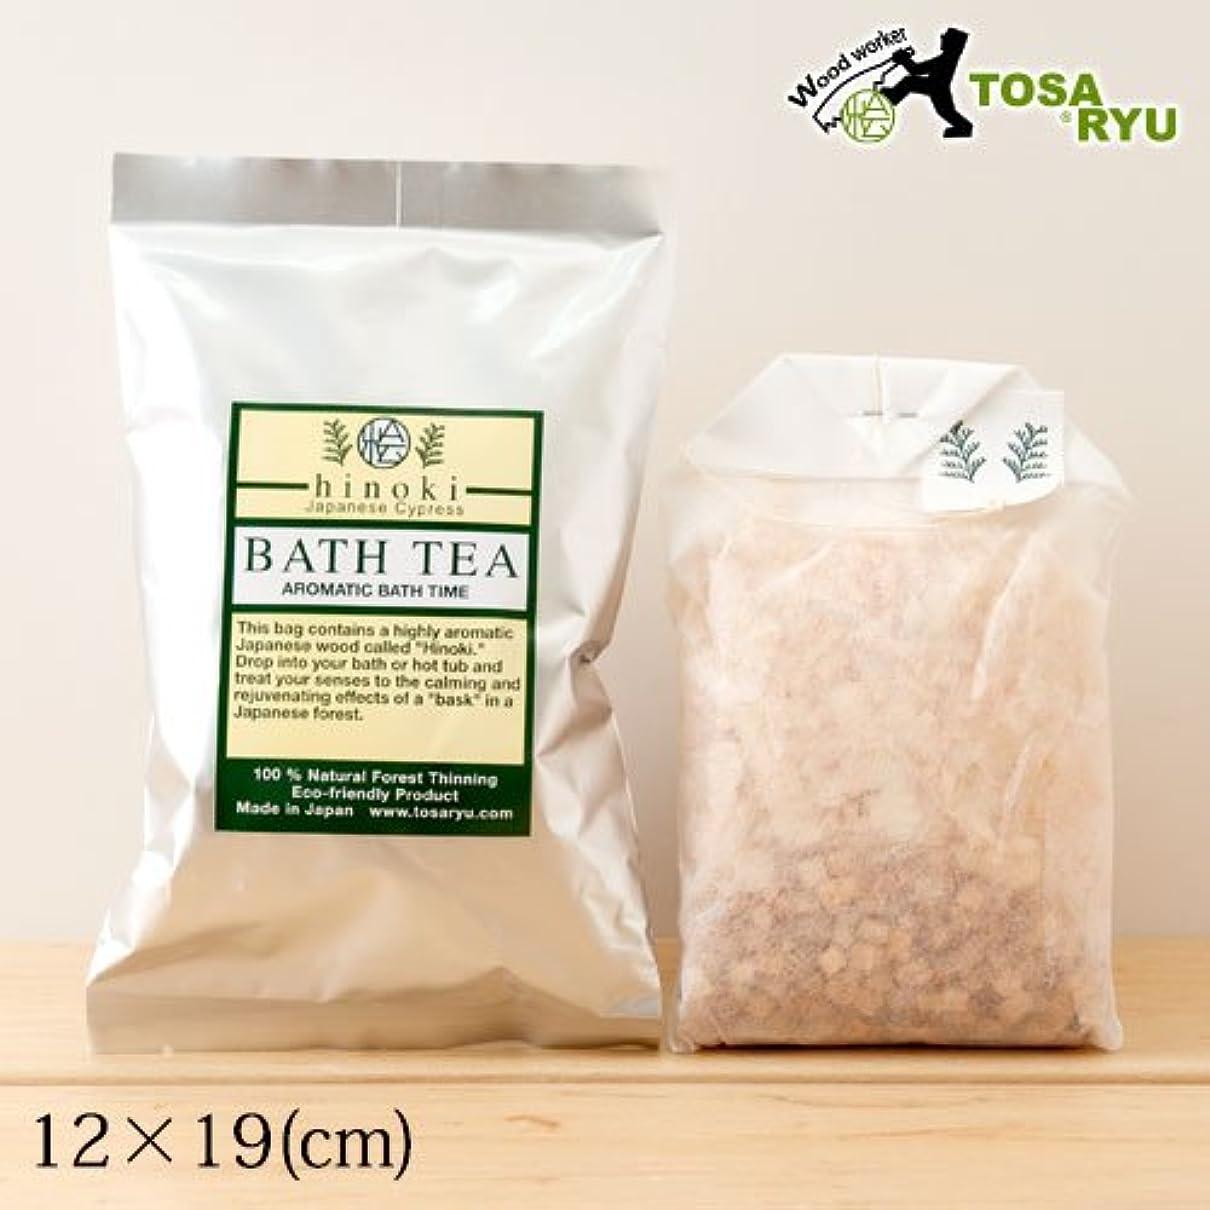 前兆暗殺ボール土佐龍バスティー四万十ひのきの入浴剤1袋入り高知県の工芸品Bath additive of cypress, Kochi craft